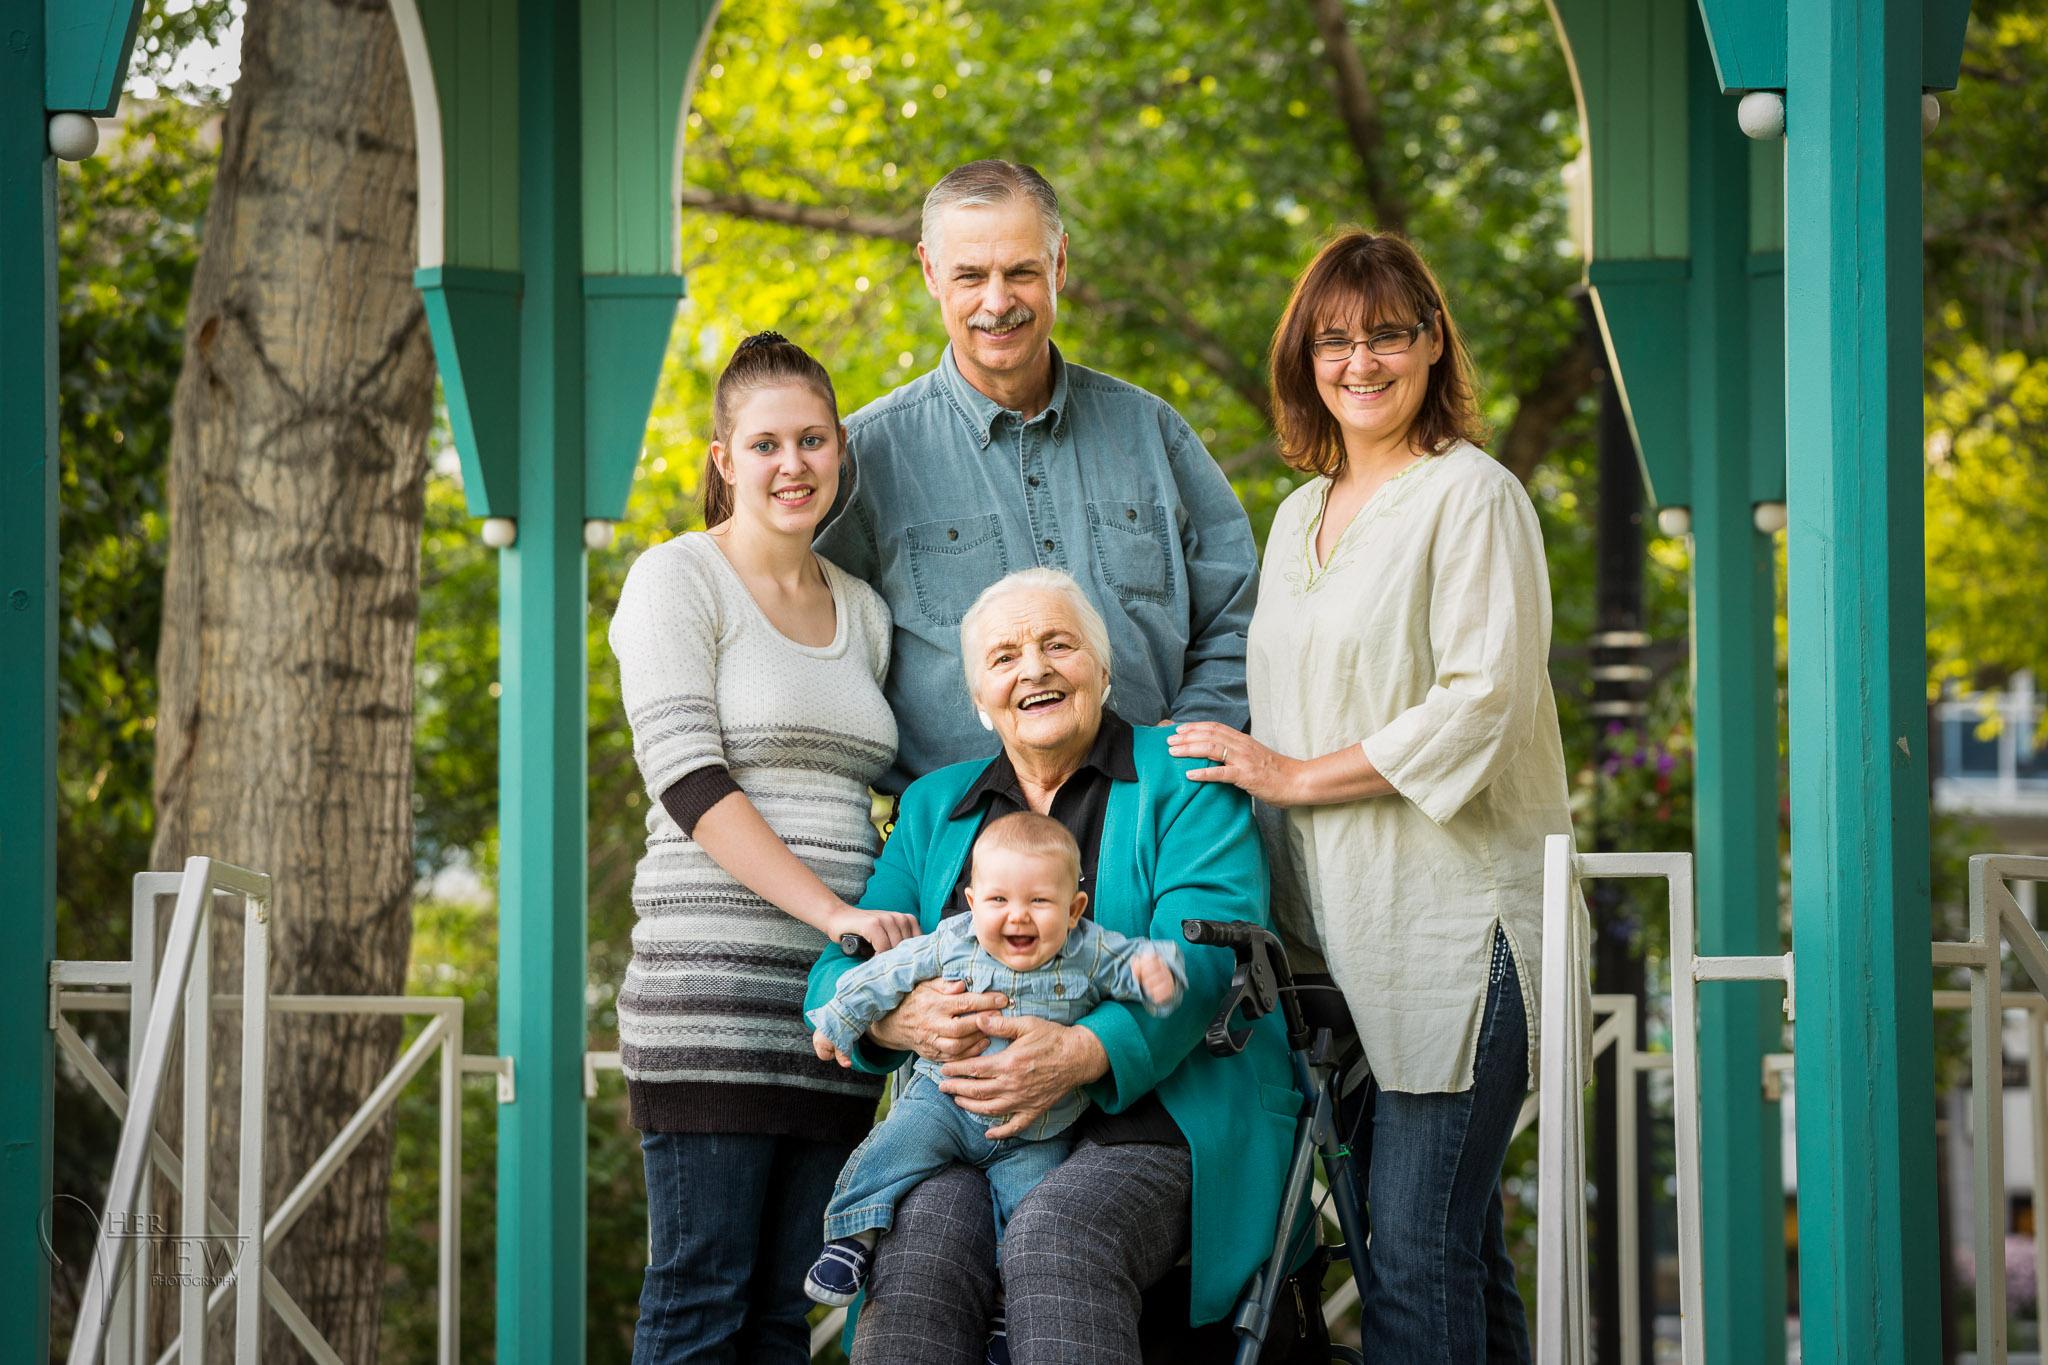 família posando com um bebê